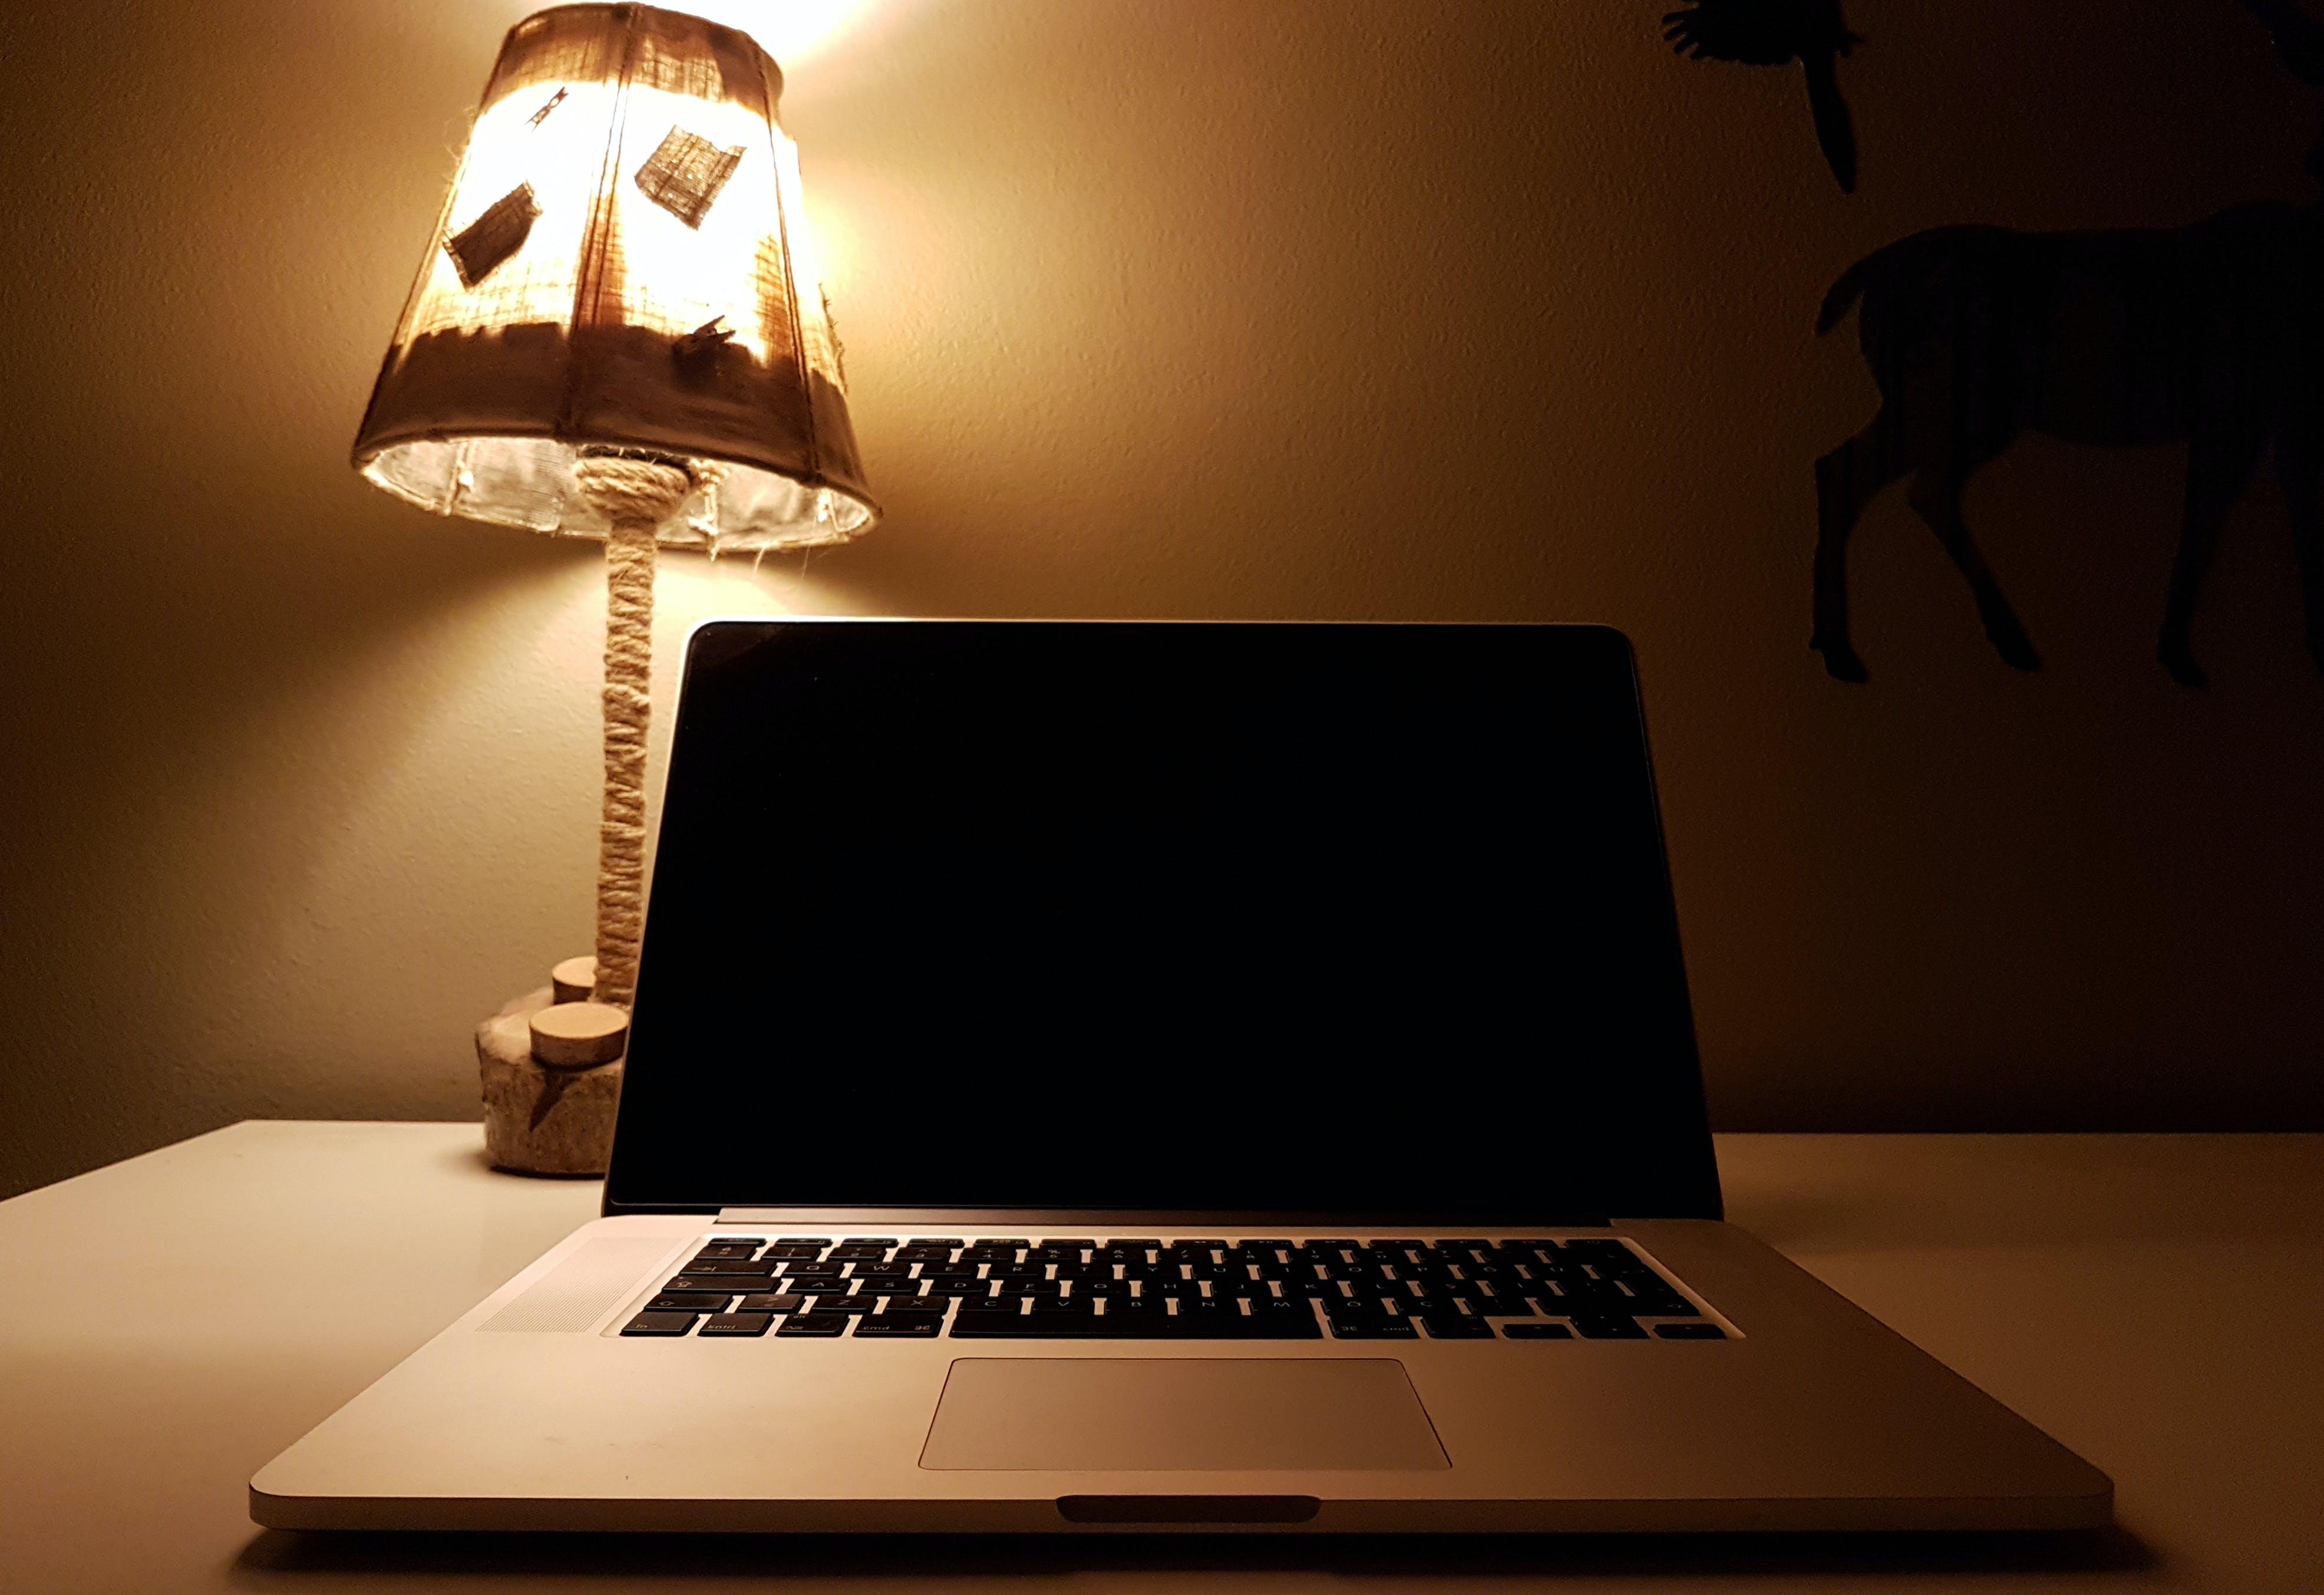 Gratis stockfoto met apple laptop, beeld, bureau, checker